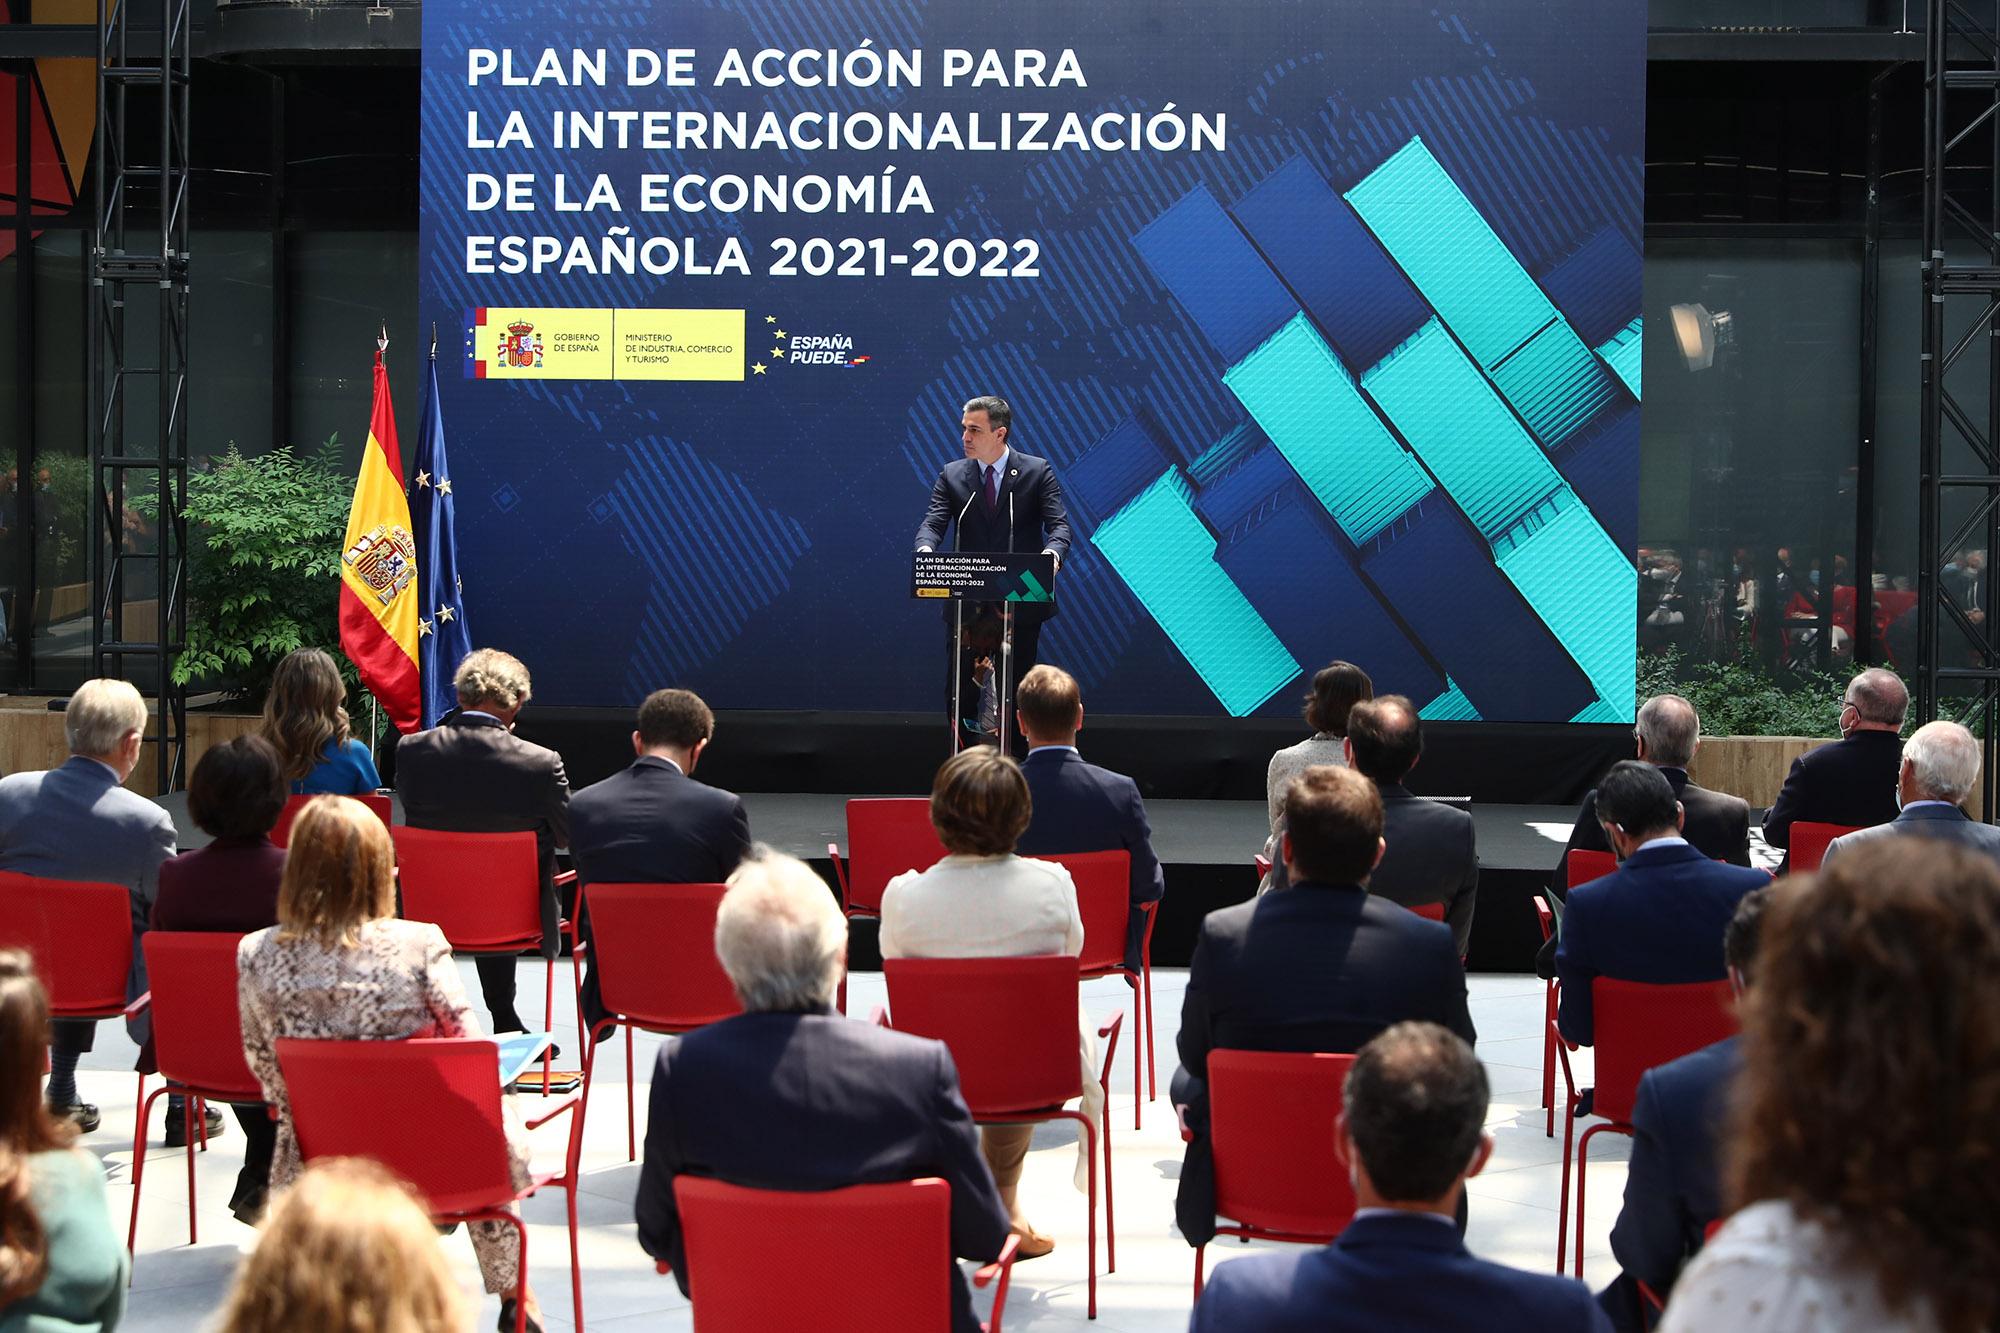 El Primer Ministro durante su discurso en el evento